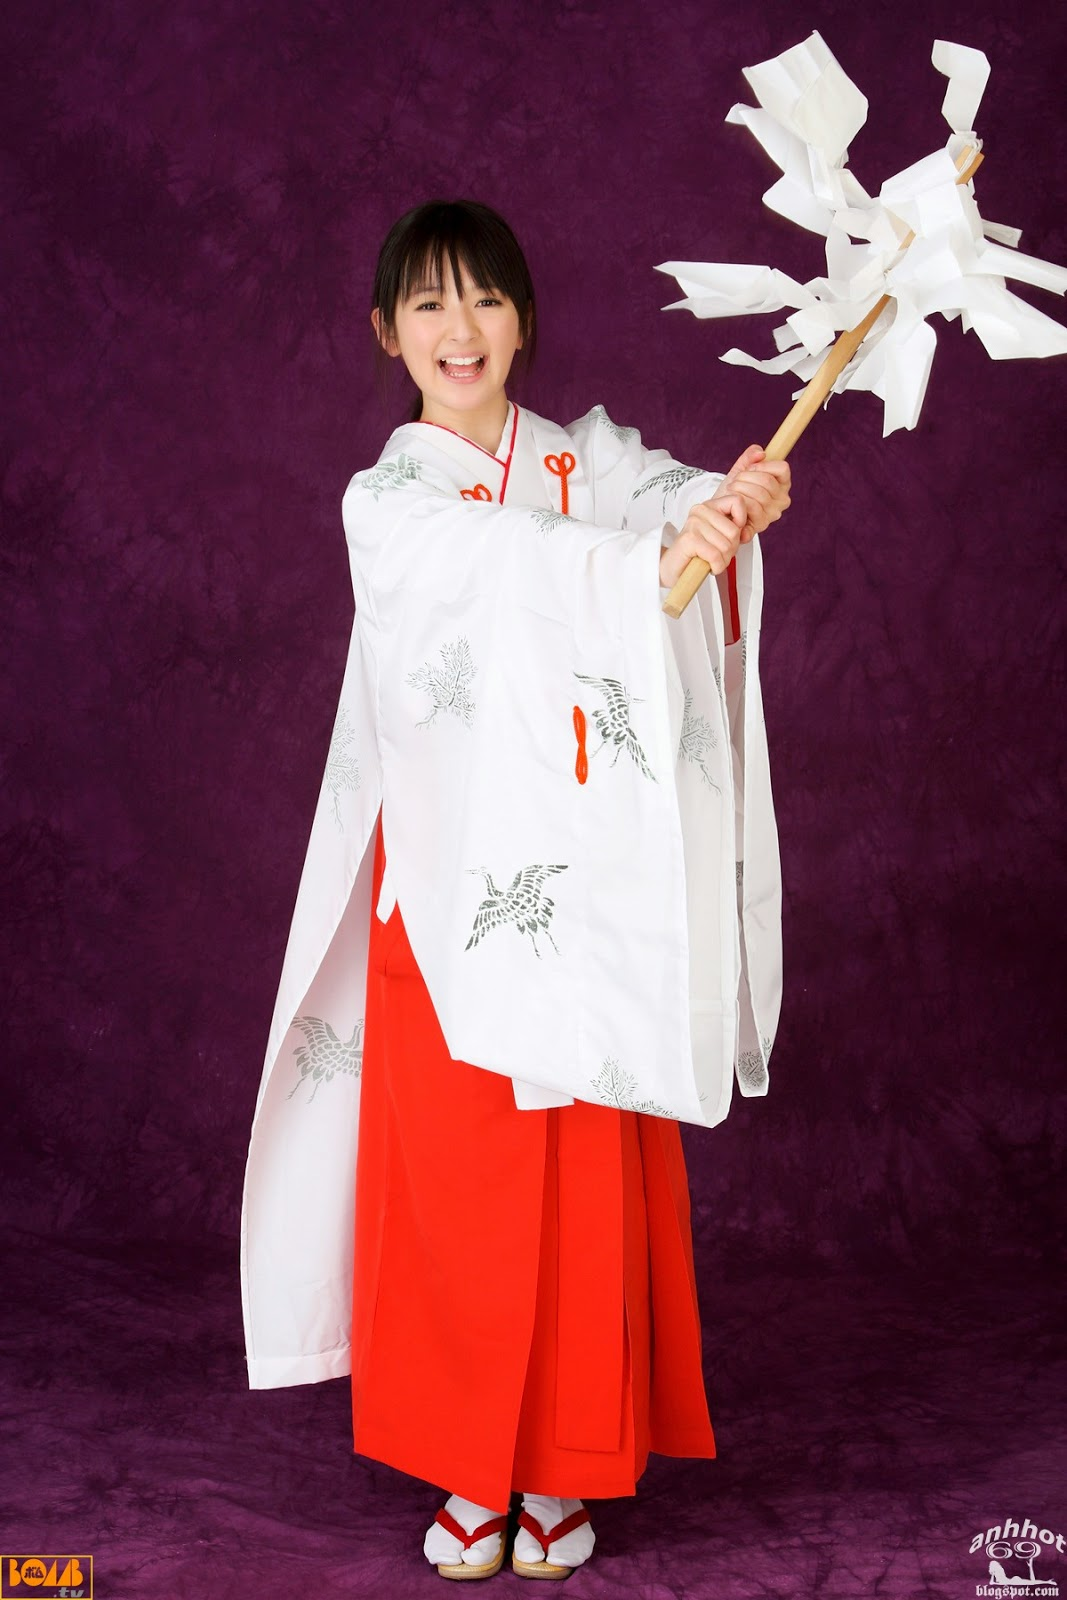 saki-takayama-01316335